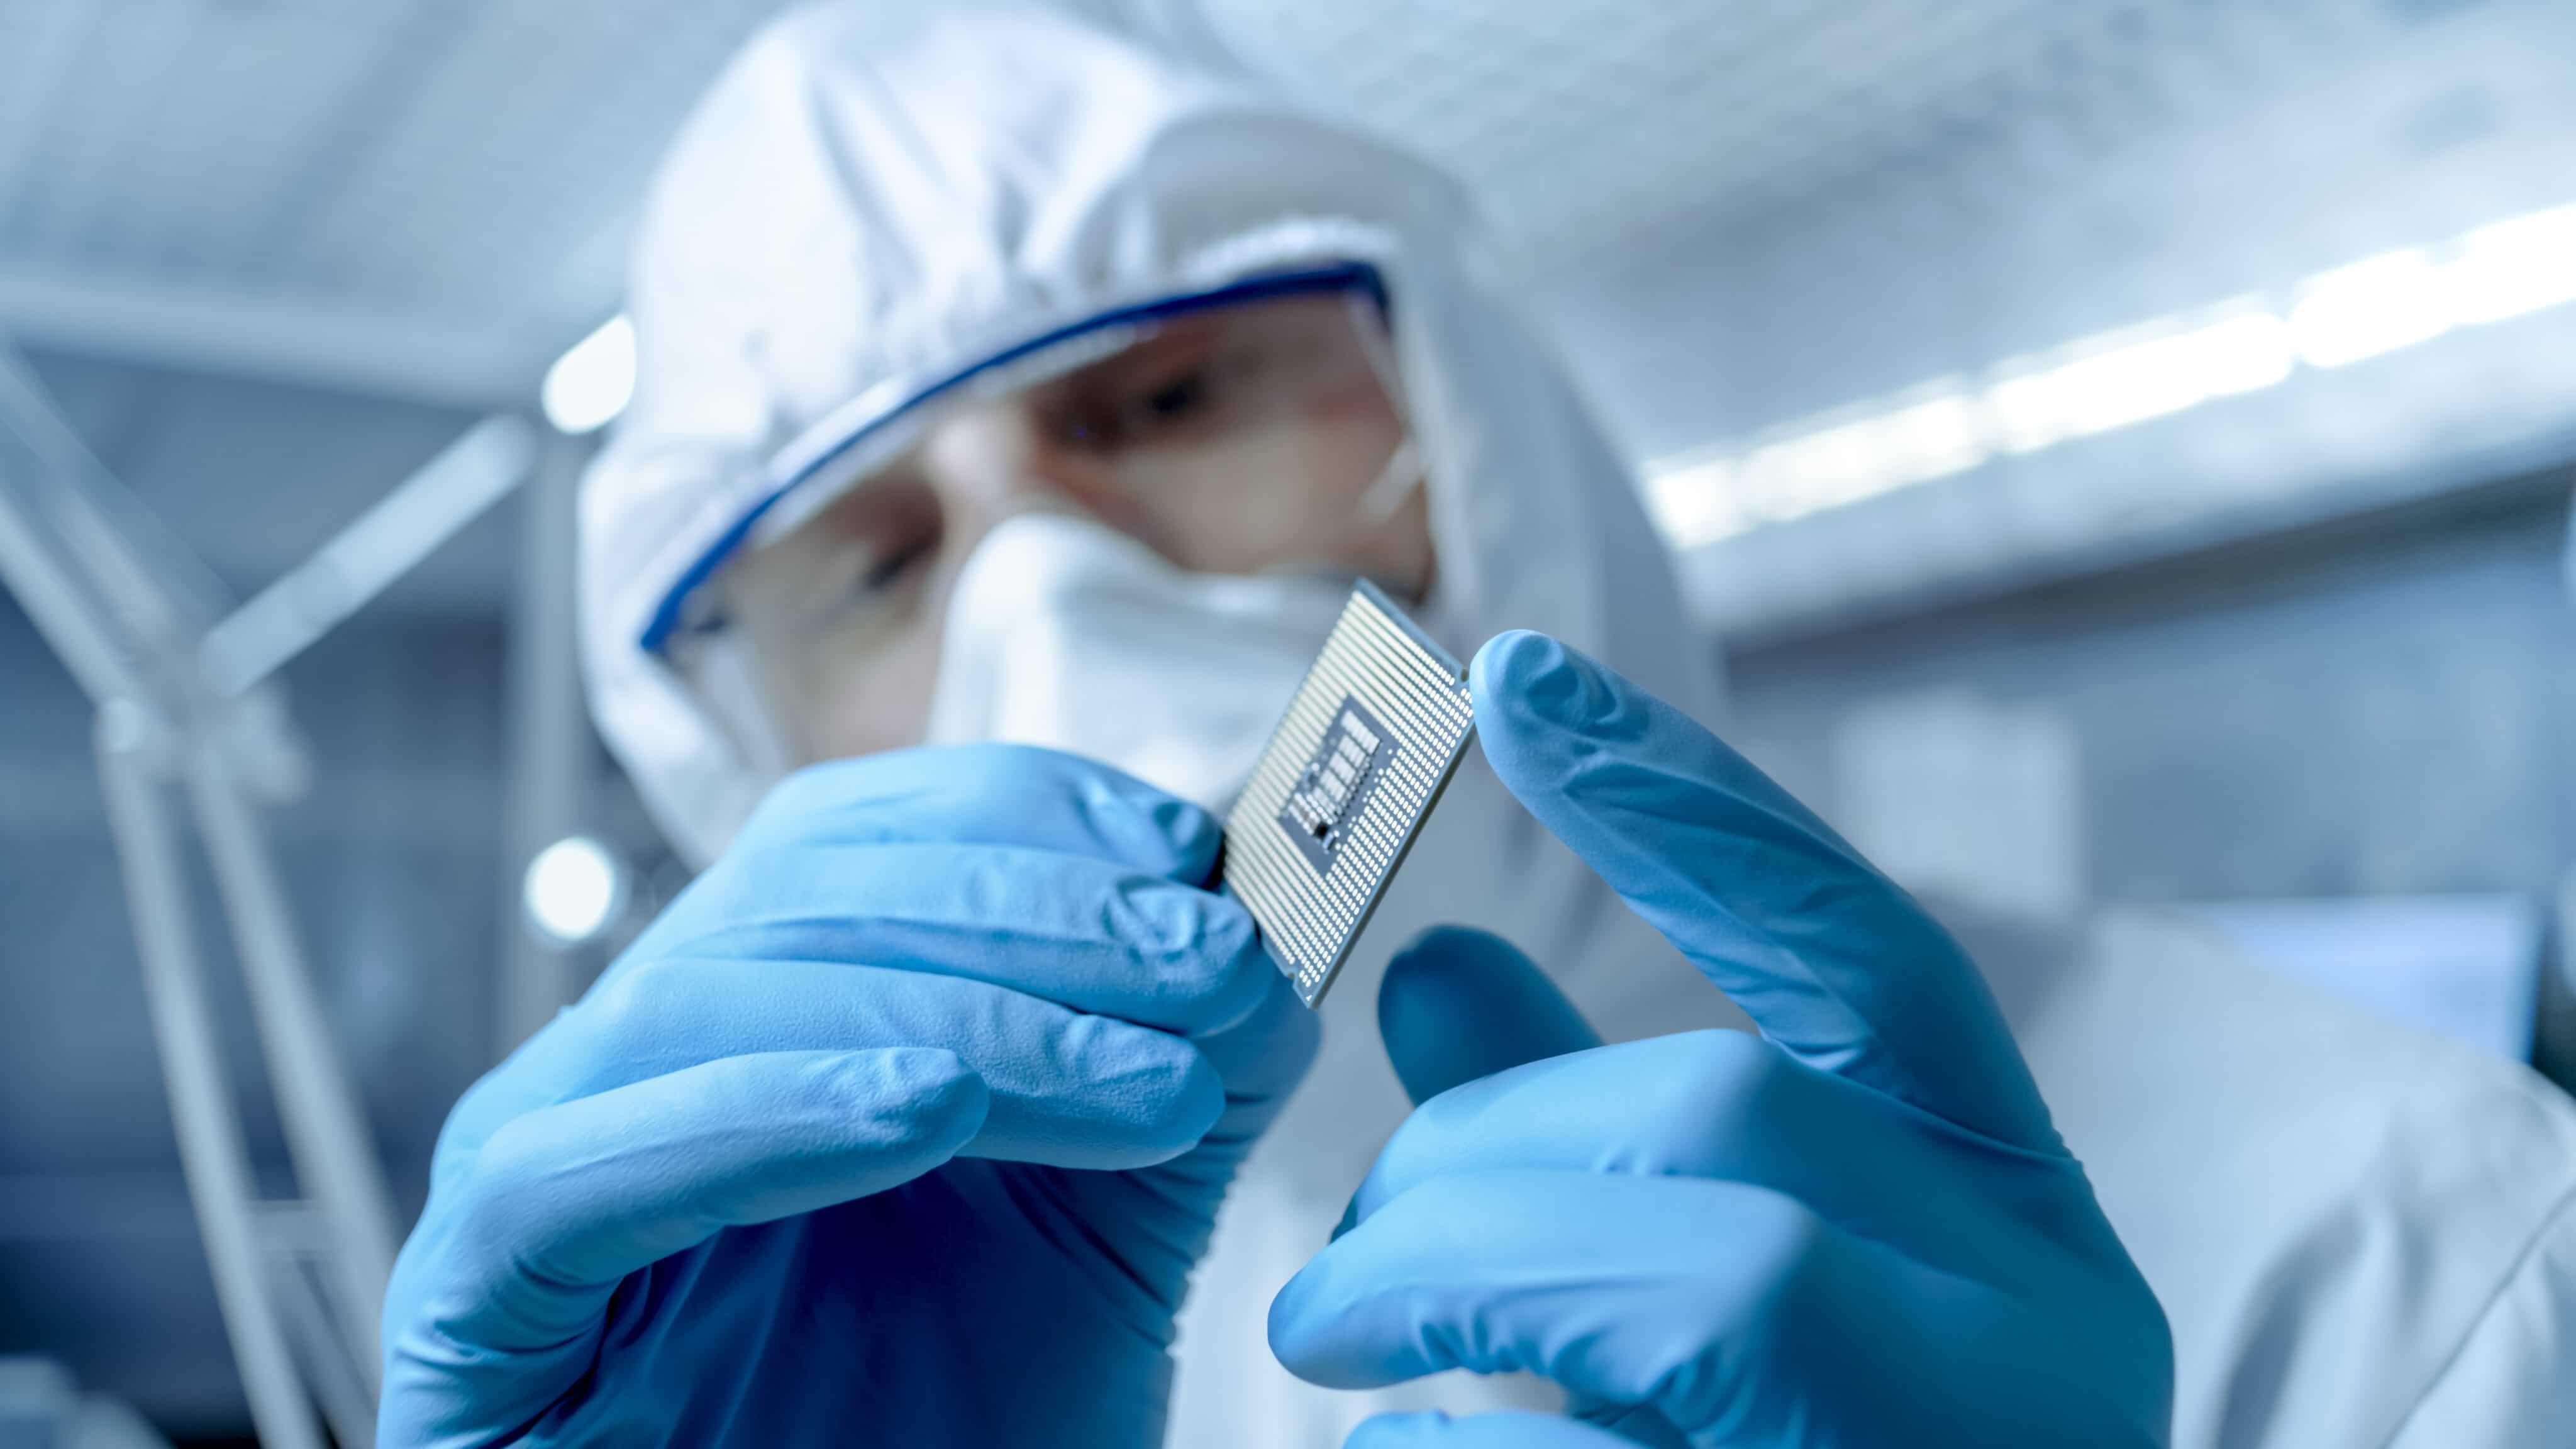 Fábrica de semicondutores e chips